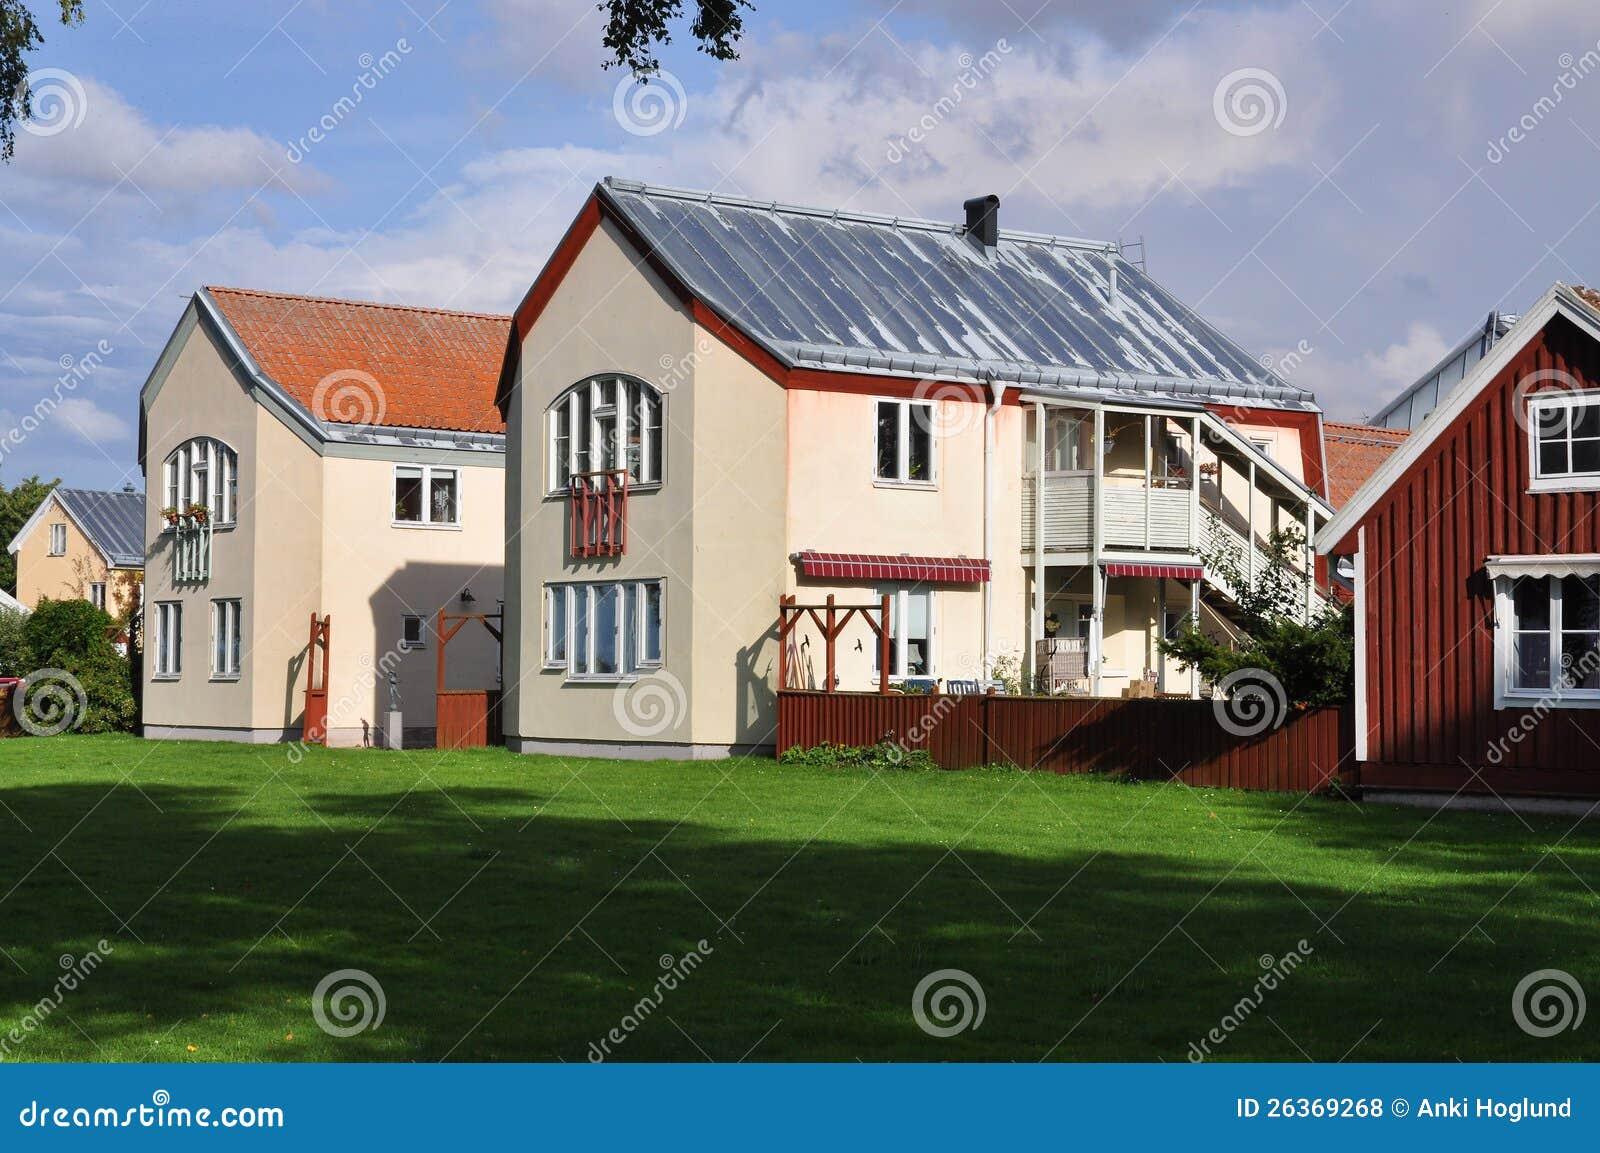 Svensk arkitektur, en röd stuga och två rappade aparmentbyggnader ...